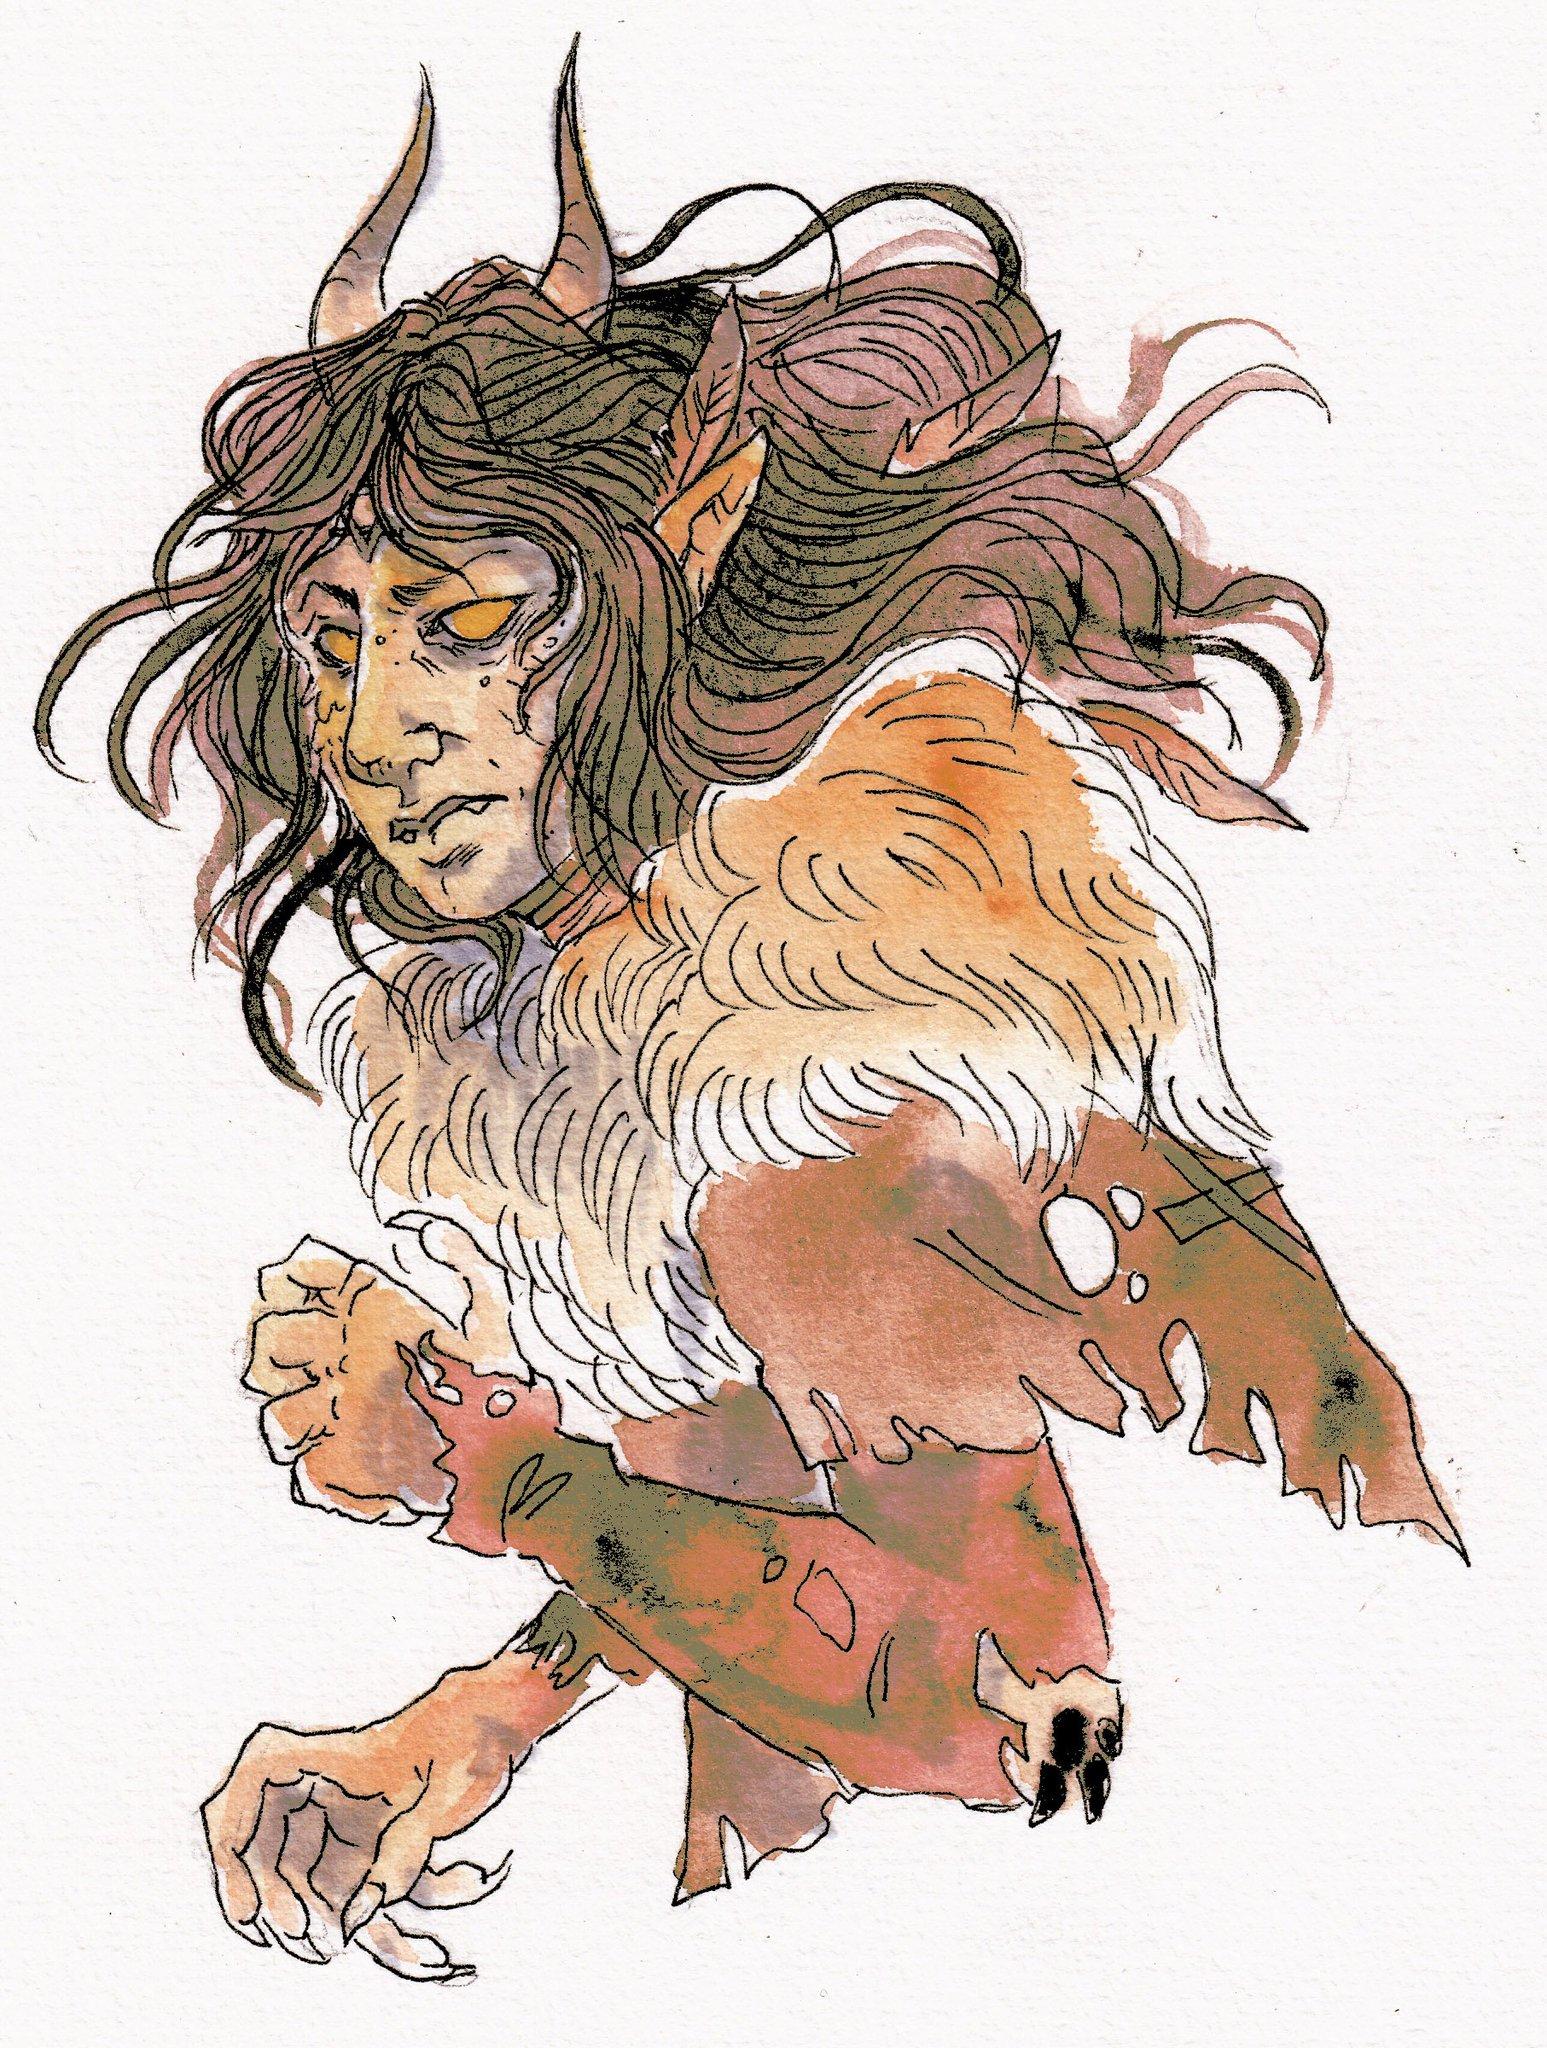 kayla-cline La druidessa tiefling Kestrel - by Kayla Cline www.kaylacline.com (2017-12) © dell'autore, tutti i diritti riservati